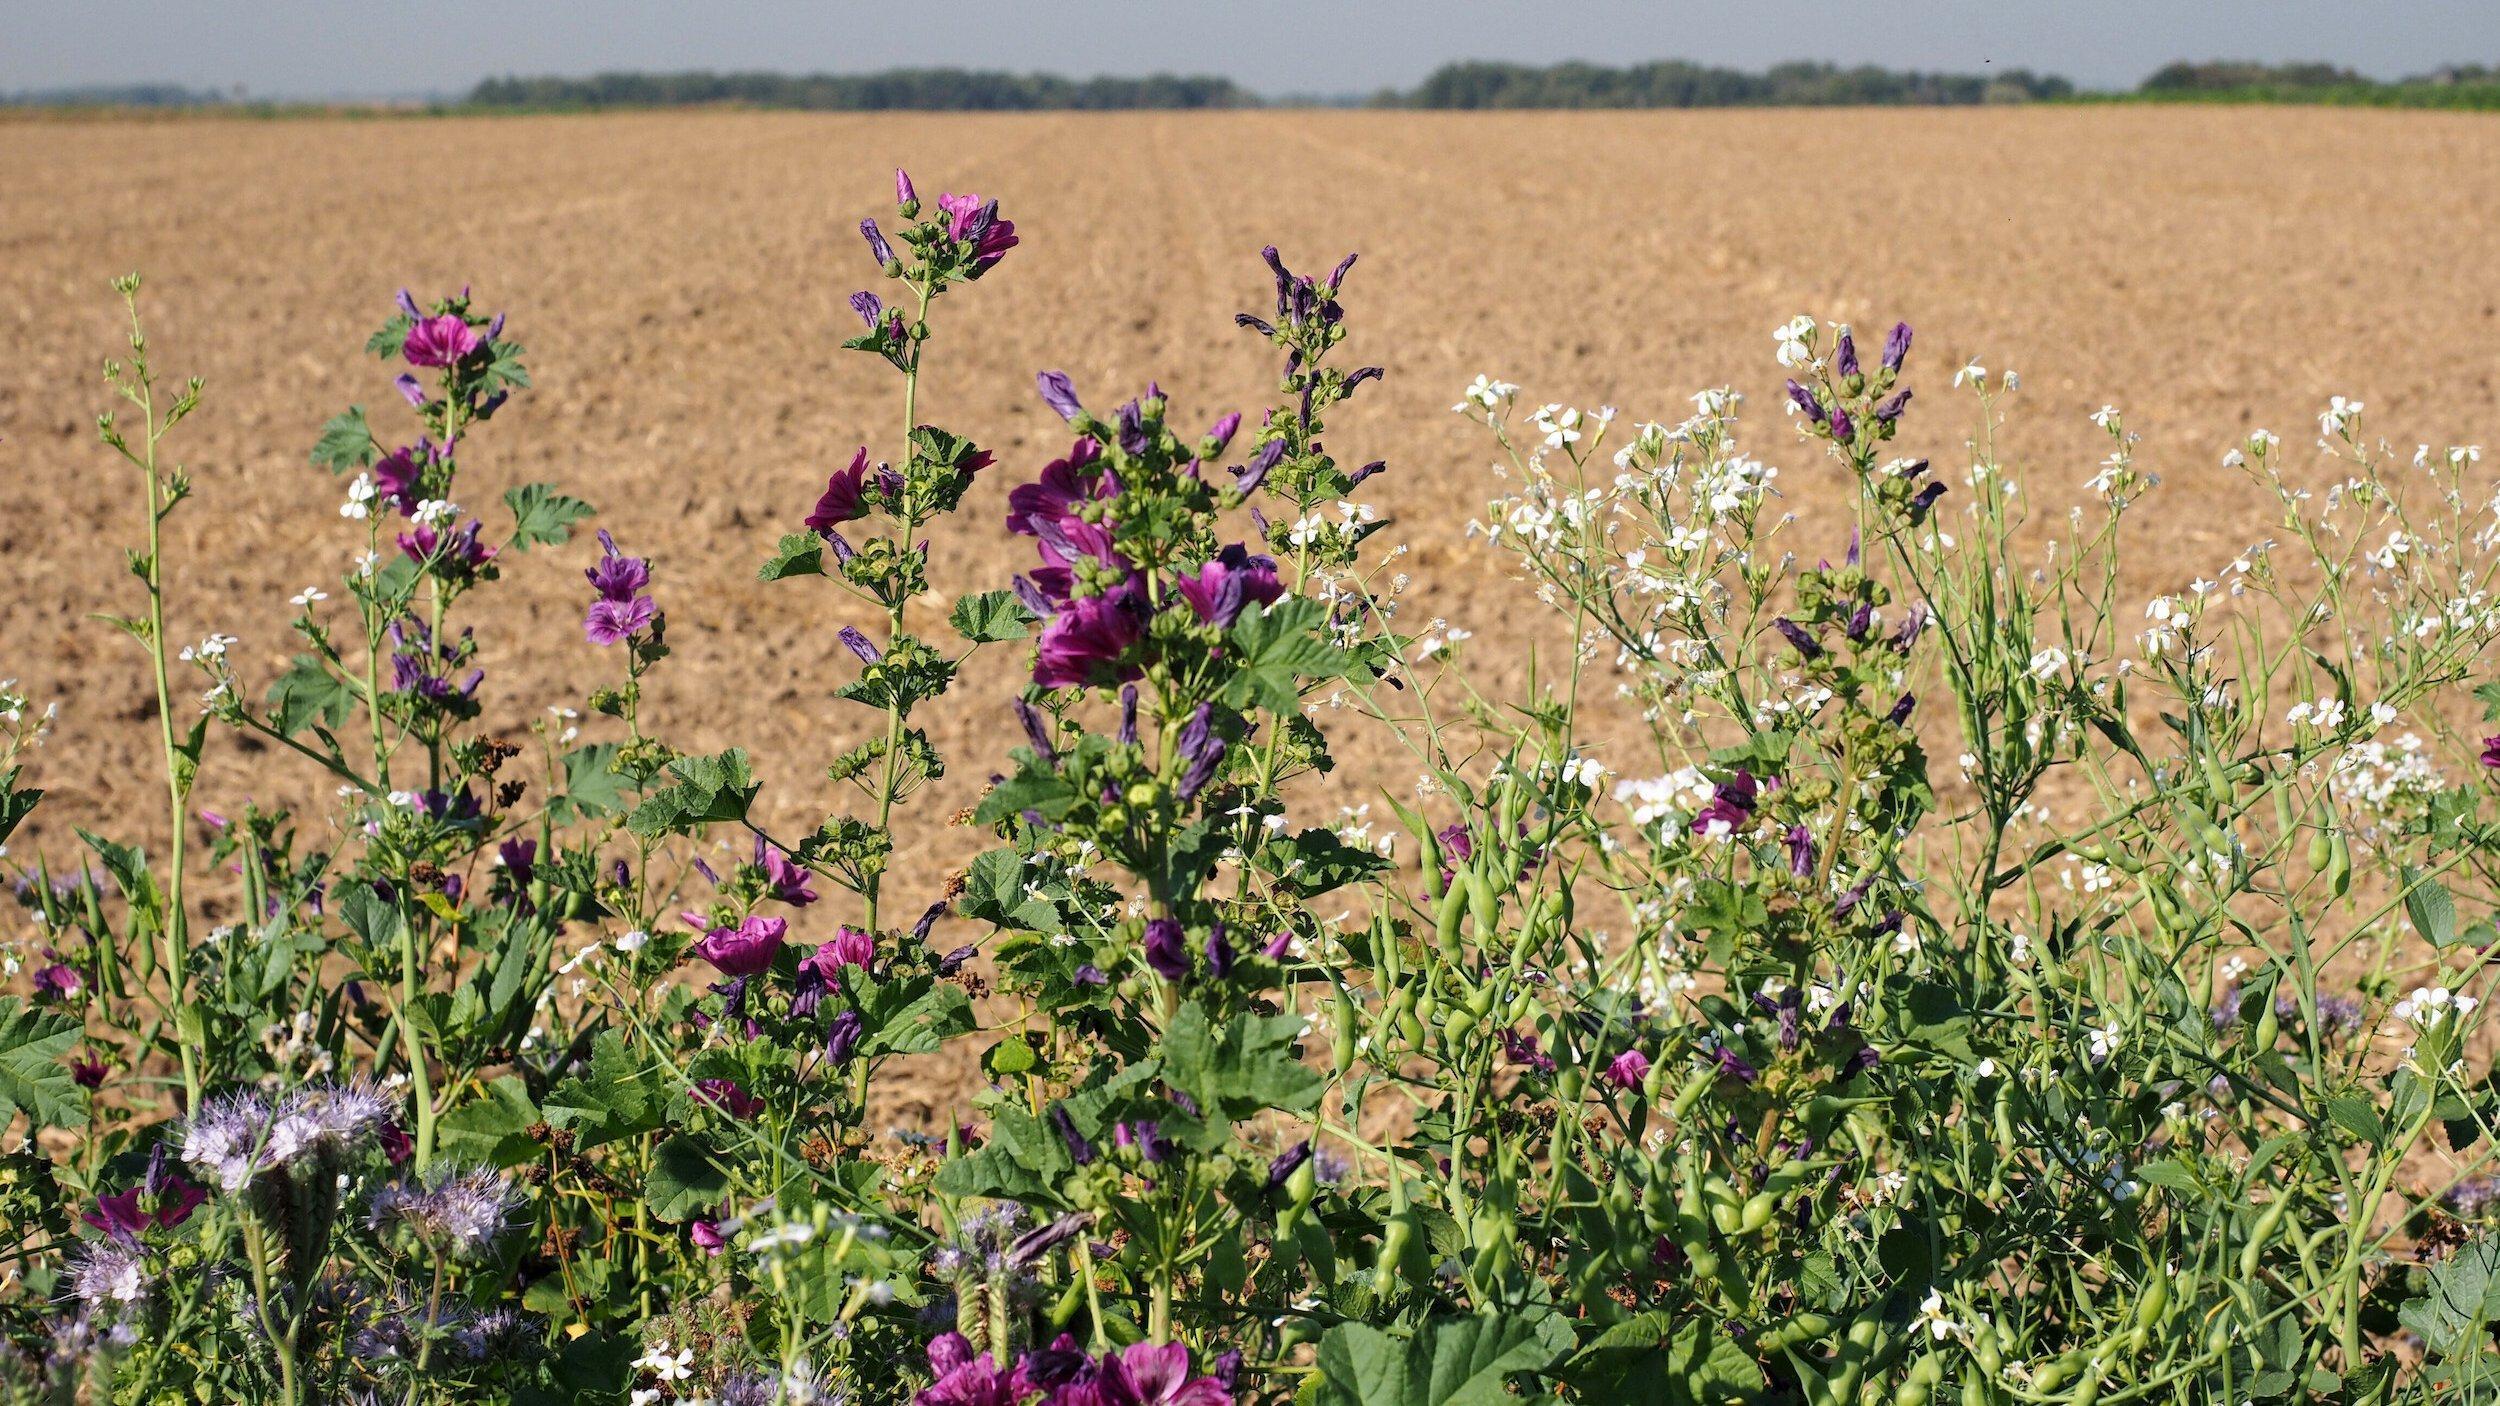 Ein dünner Blühstreifen mit blühenden Malven vor einem weiten, gepflügten Feld.